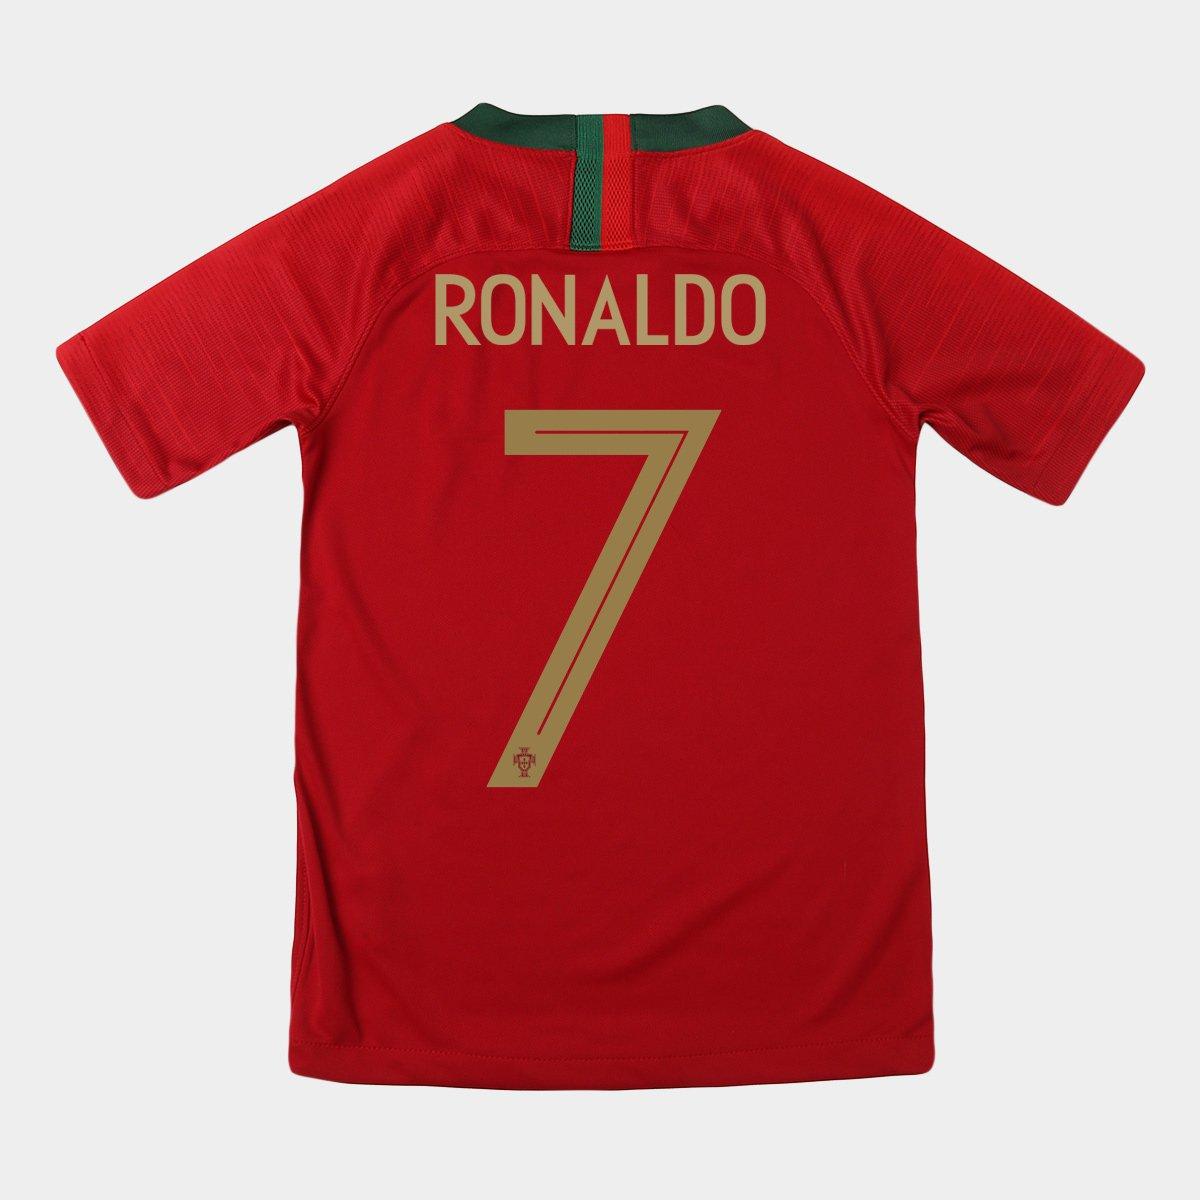 a2708510928dc Camisa Seleção Portugal Juvenil Home 2018 n° 7 Ronaldo - Torcedor Nike -  Compre Agora